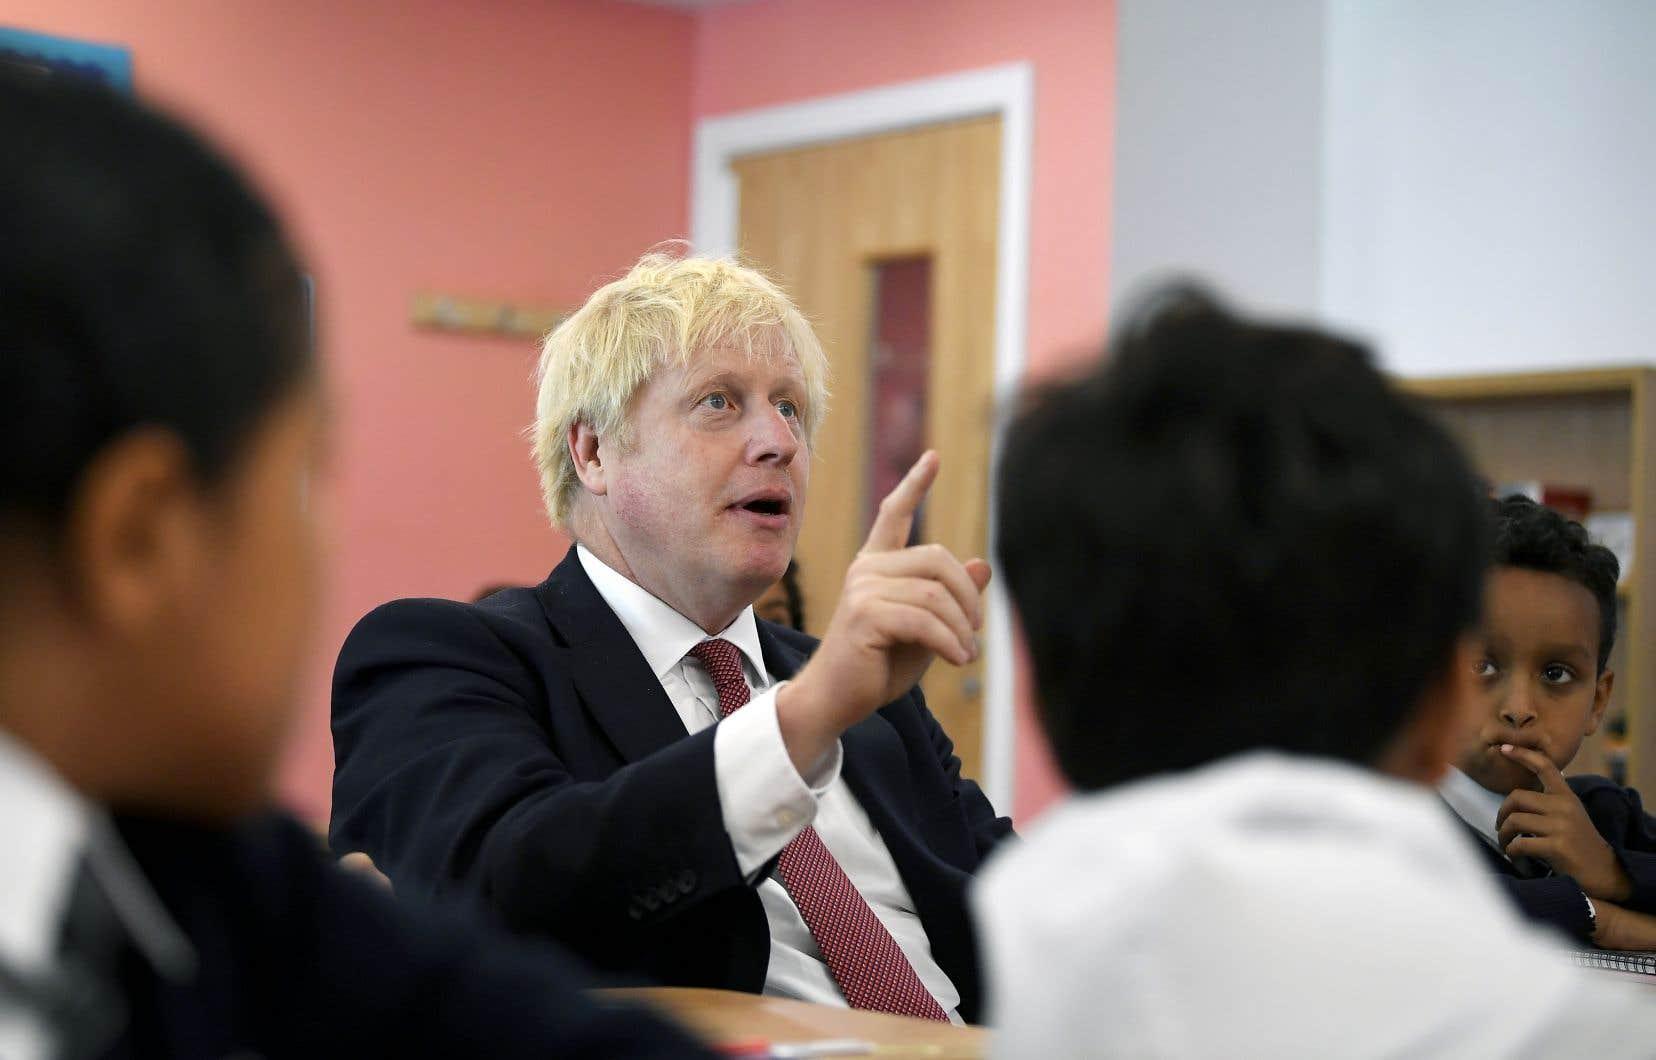 De passage dans une école londonienne, le premier ministre Boris Johnson a déclaré qu'il va «s'évertuer à obtenir un accord» d'ici au sommet européen.